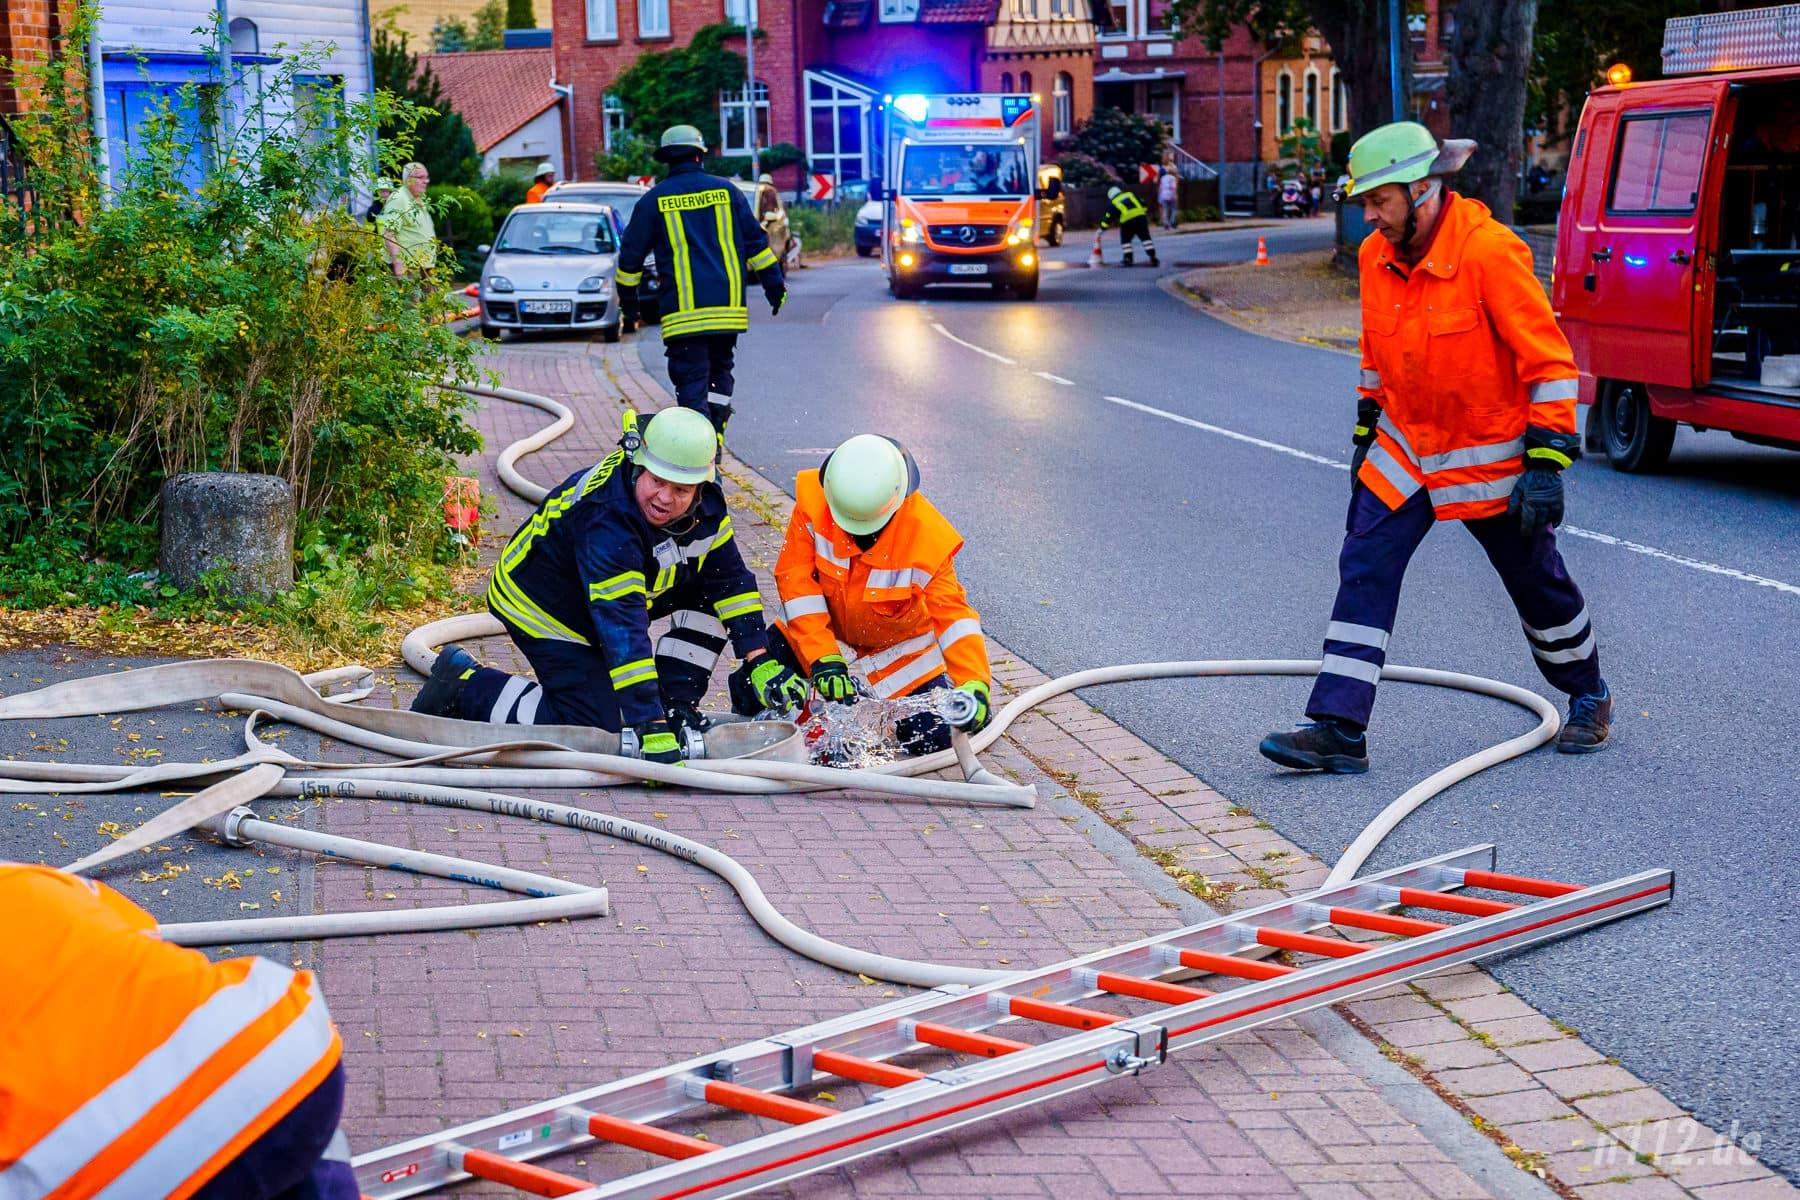 Auf der Rückseite: Die Feuerwehren aus Beber und Rohrsen bereiteten einen Löschangriff über Steckleitern vor (Foto: n112.de/Stefan Simonsen)